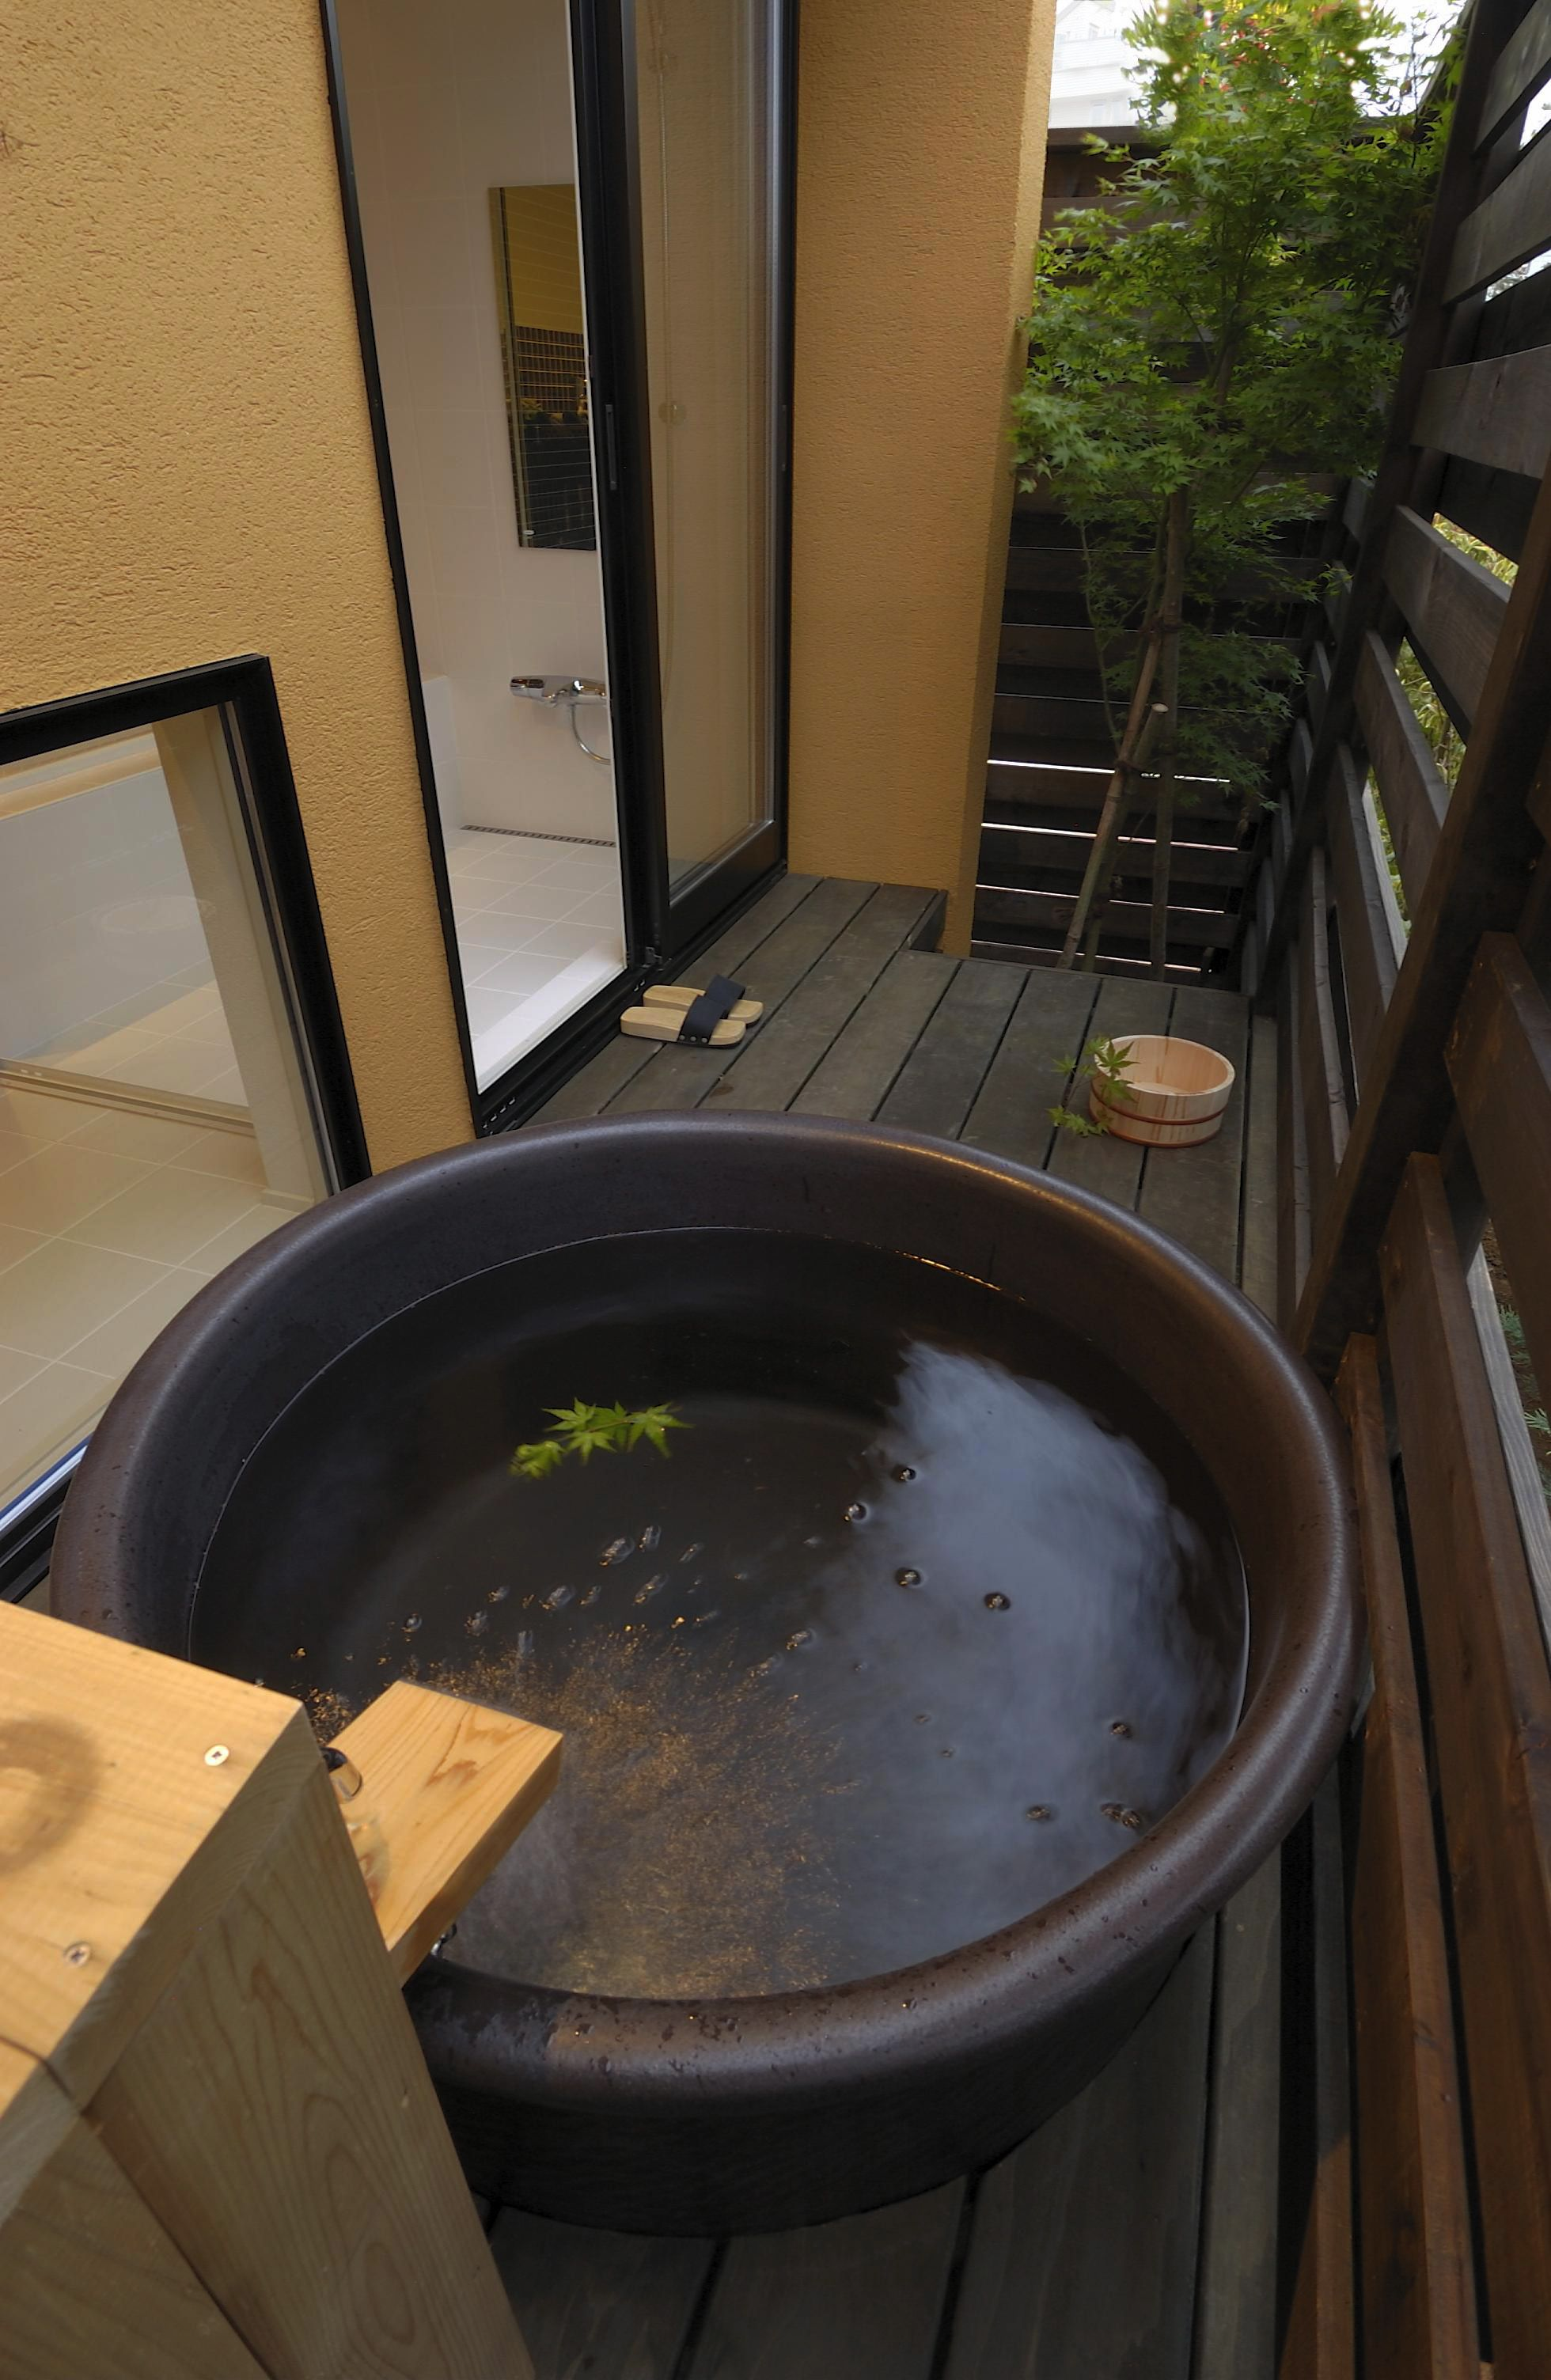 Small open-air bath/spa (露天風呂) | 住宅 | Pinterest | Spa, Bath ...